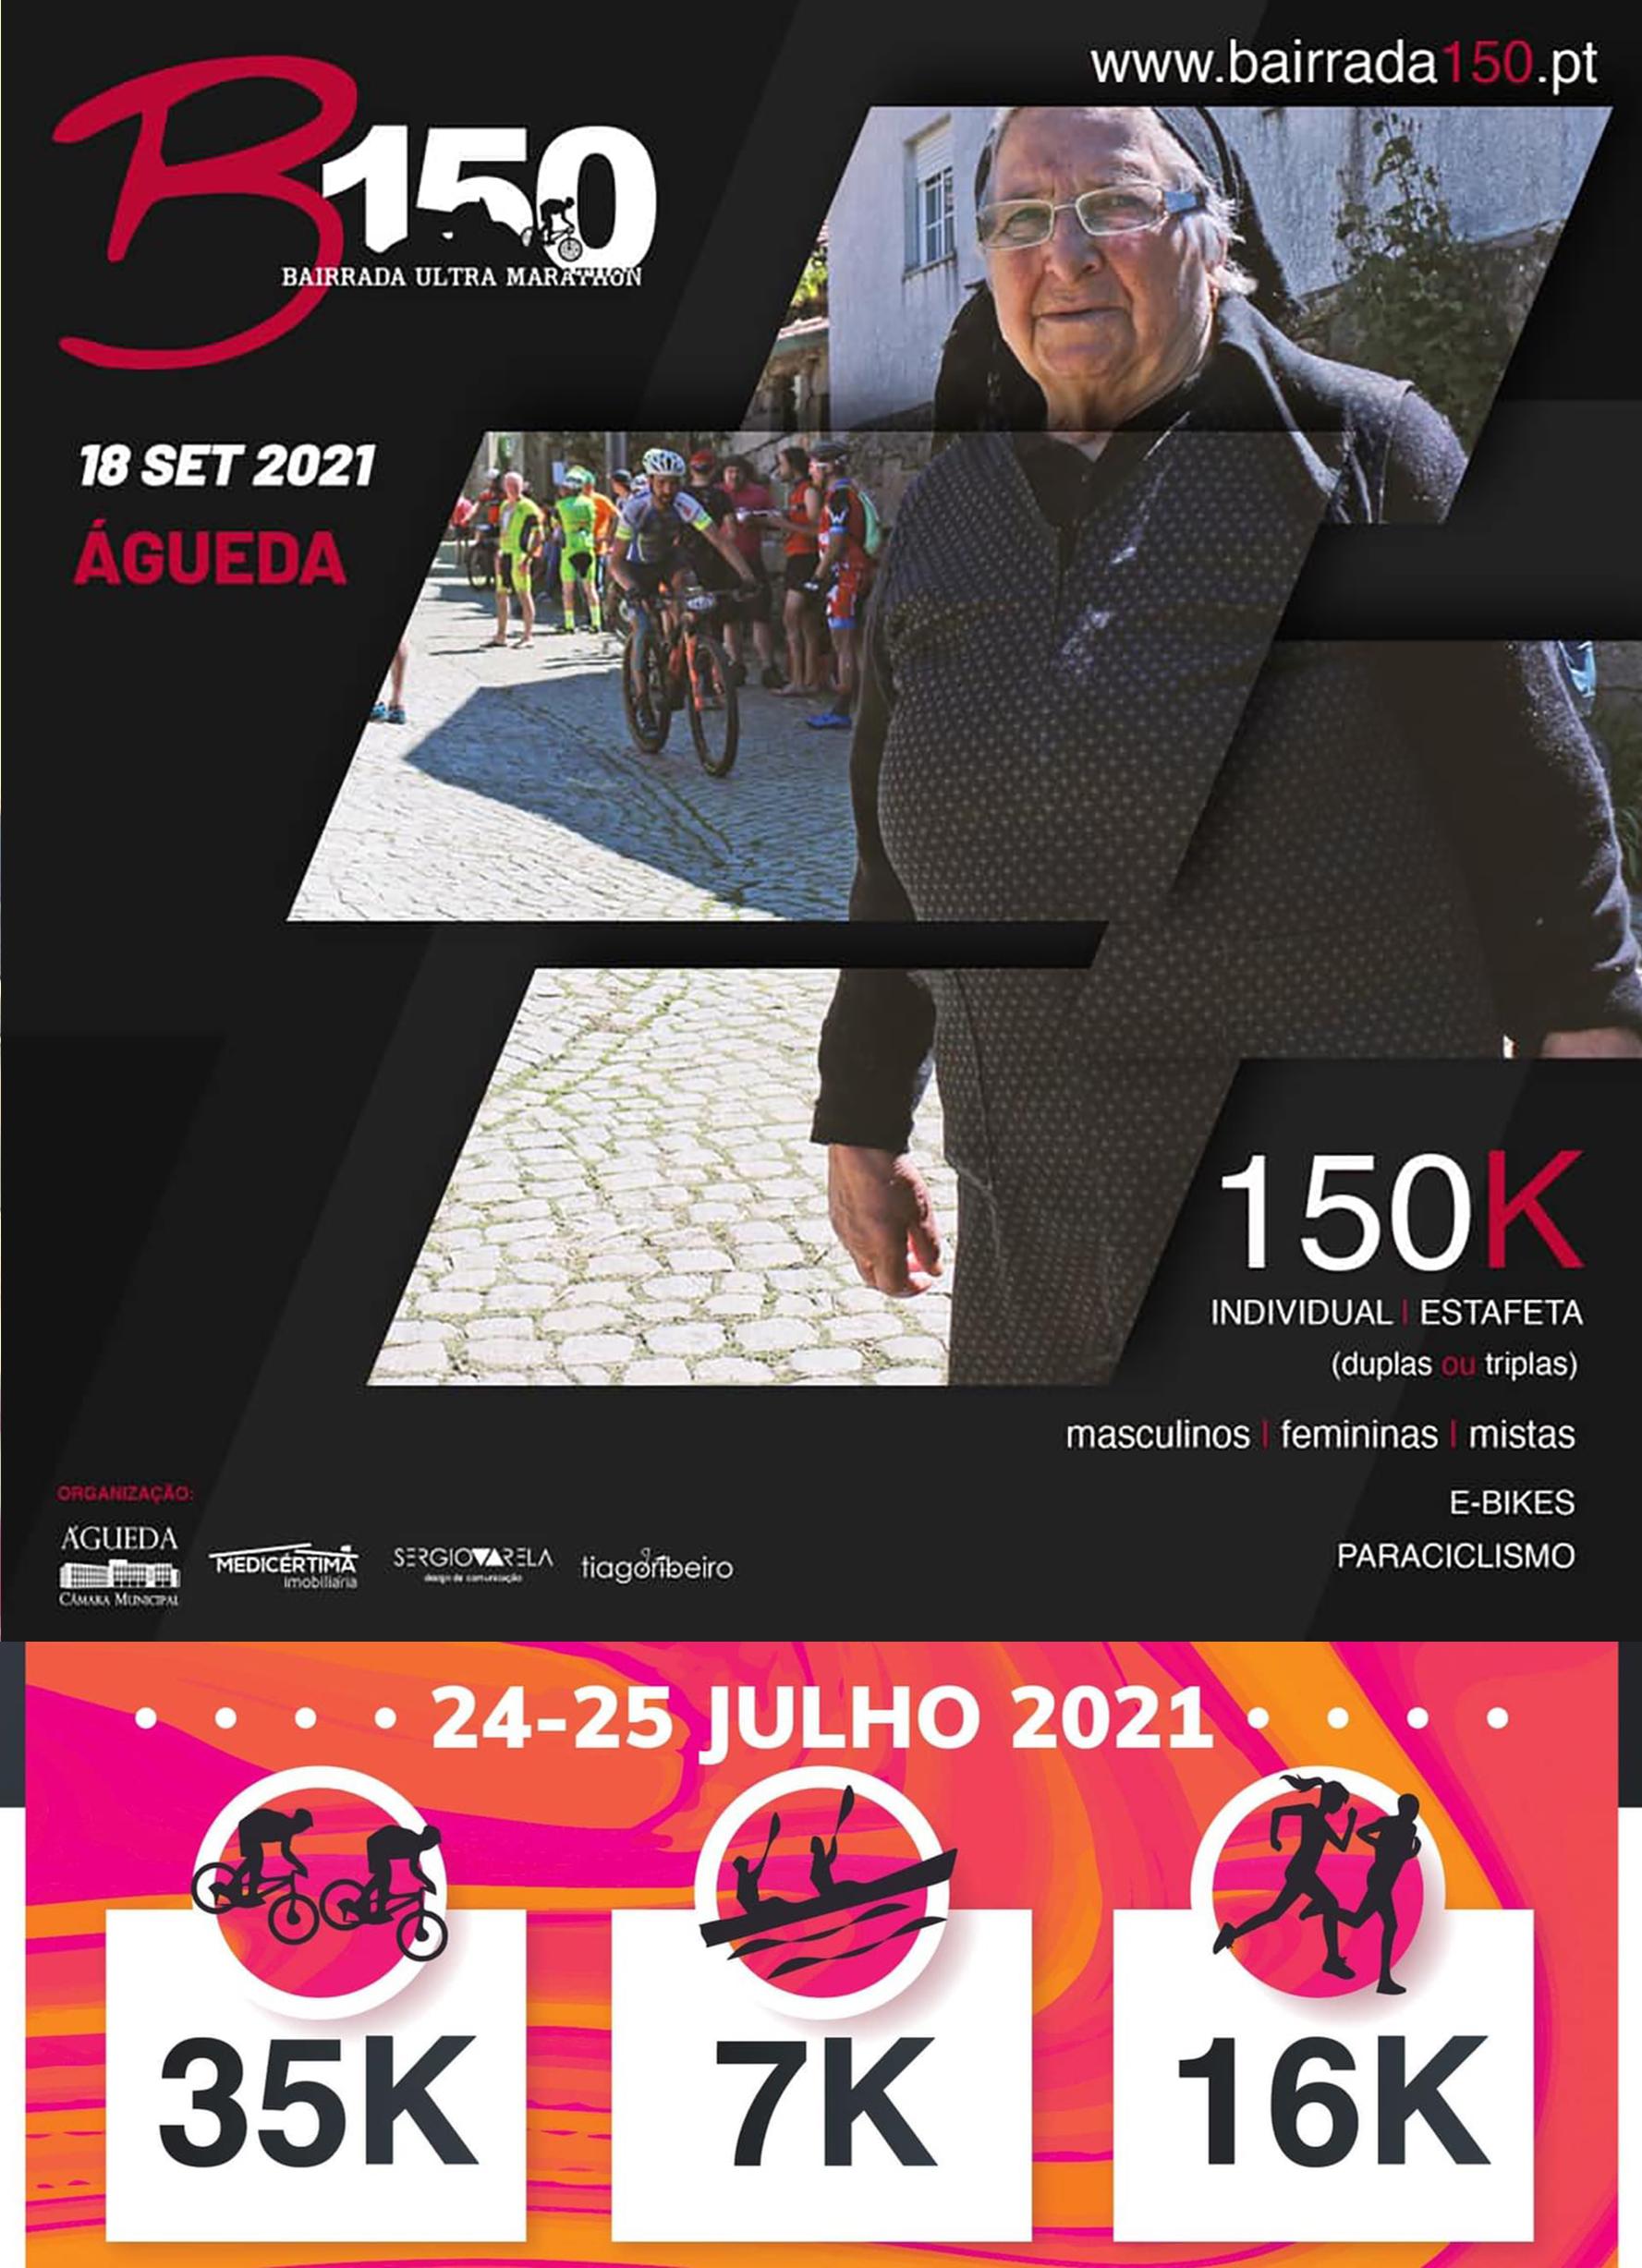 MAI.2021 I Última Fase do Plano de Desconfinamento em Portugal